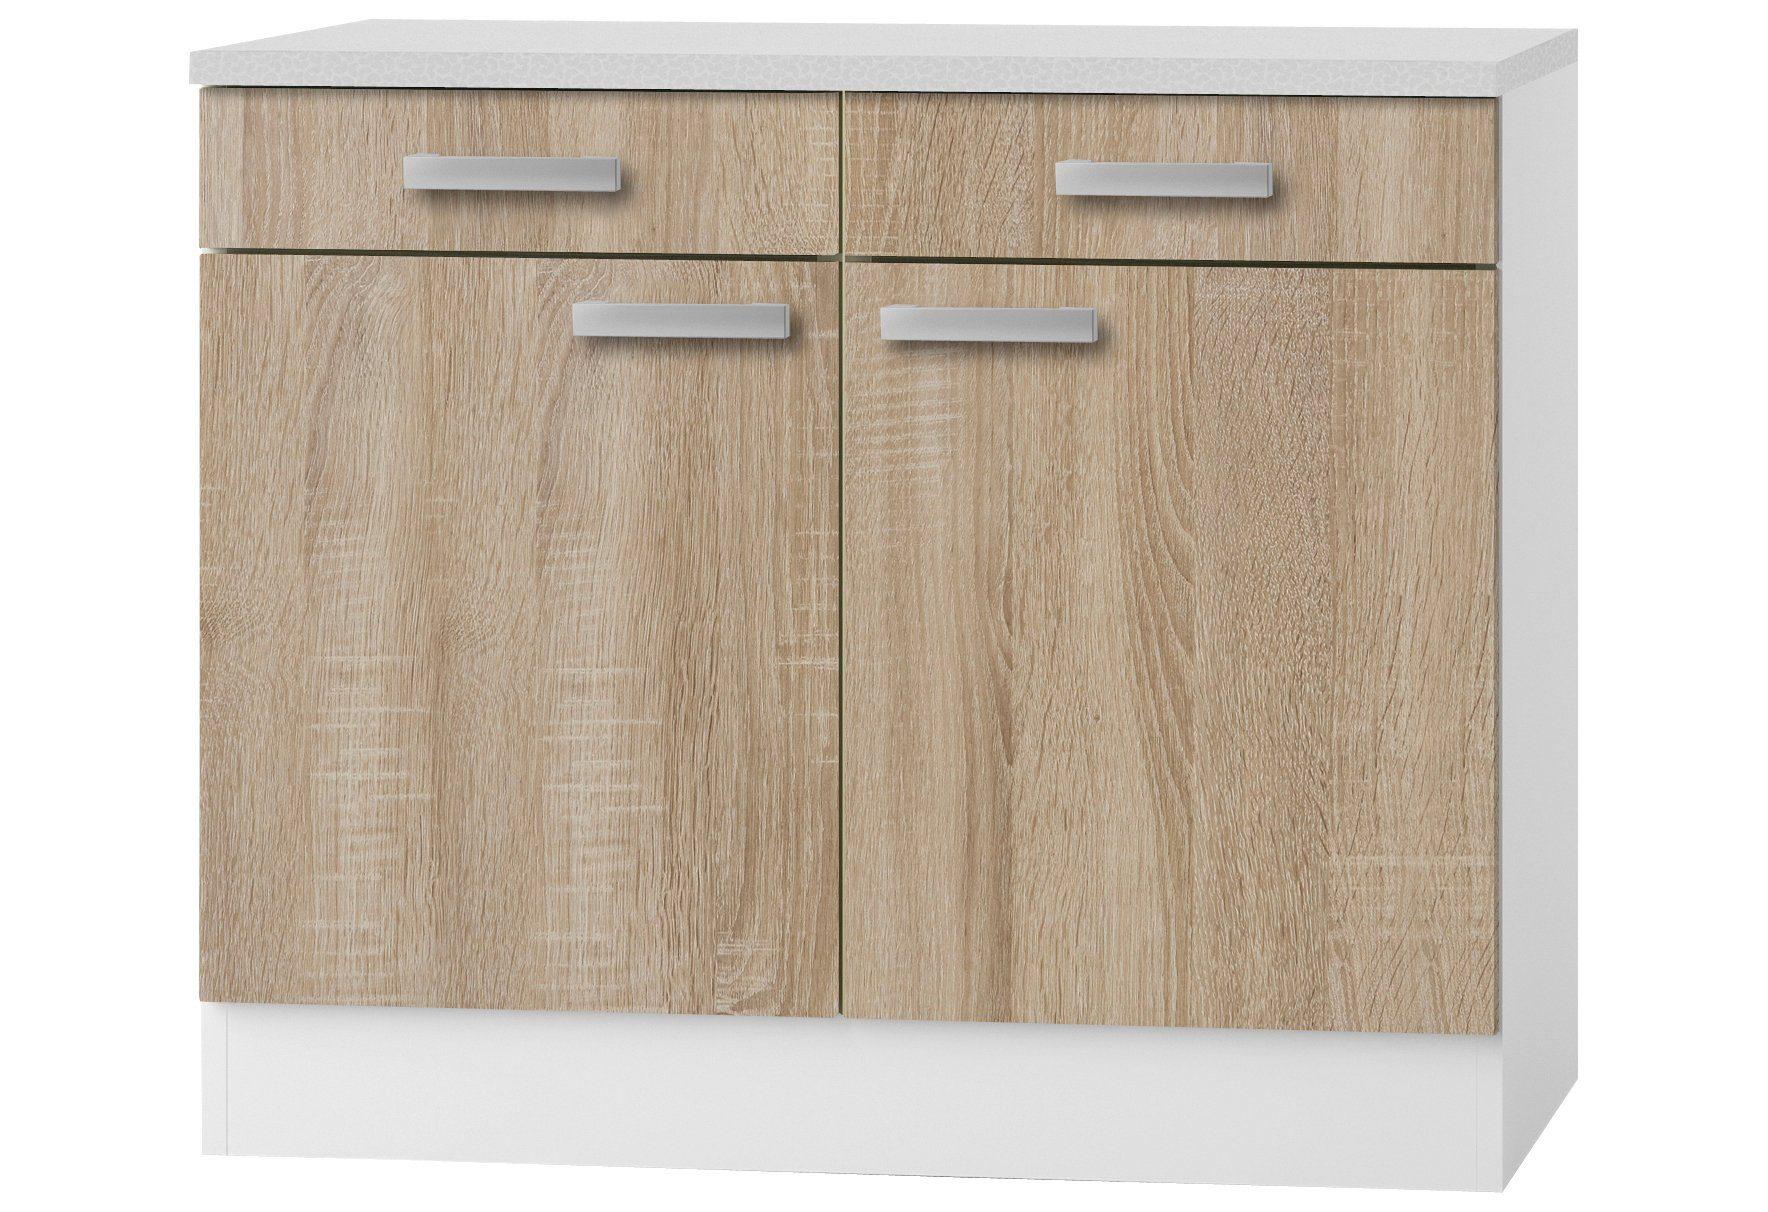 Ordentlich OPTIFIT Küchenunterschrank »Helsinki, Breite 100 cm« online kaufen  LW71